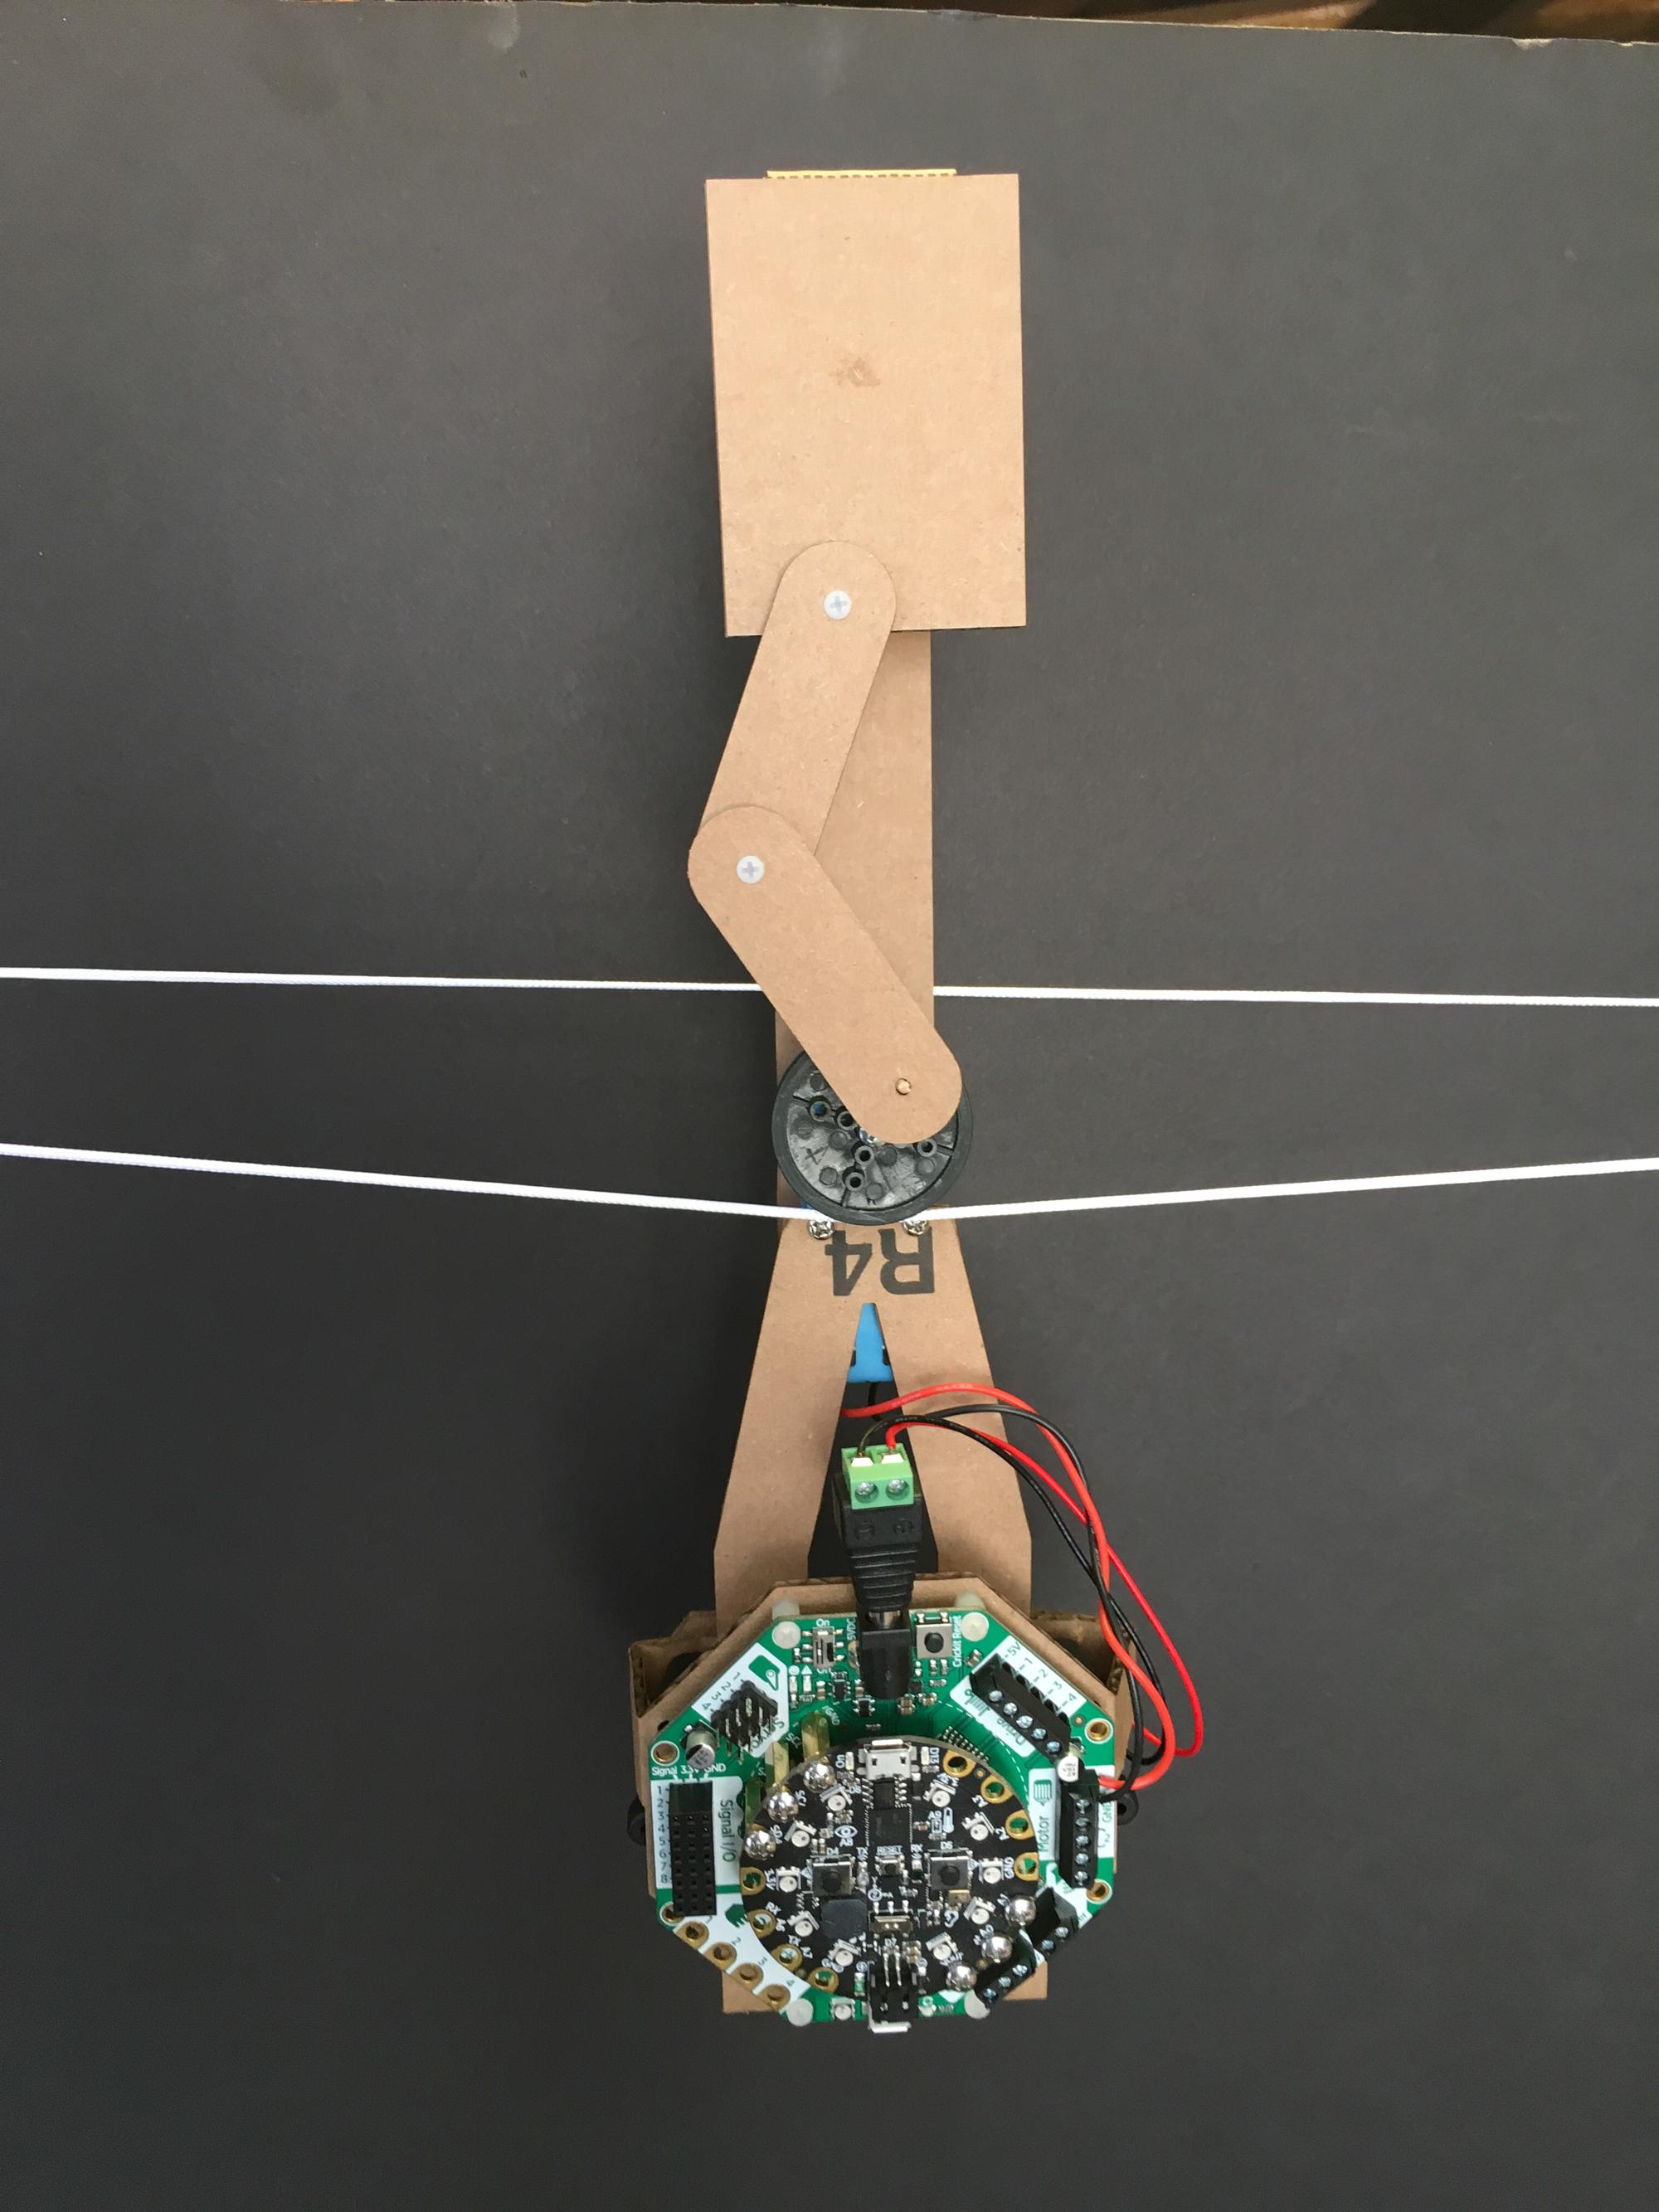 robotics___cnc_uni_bot_0088_2k.jpg